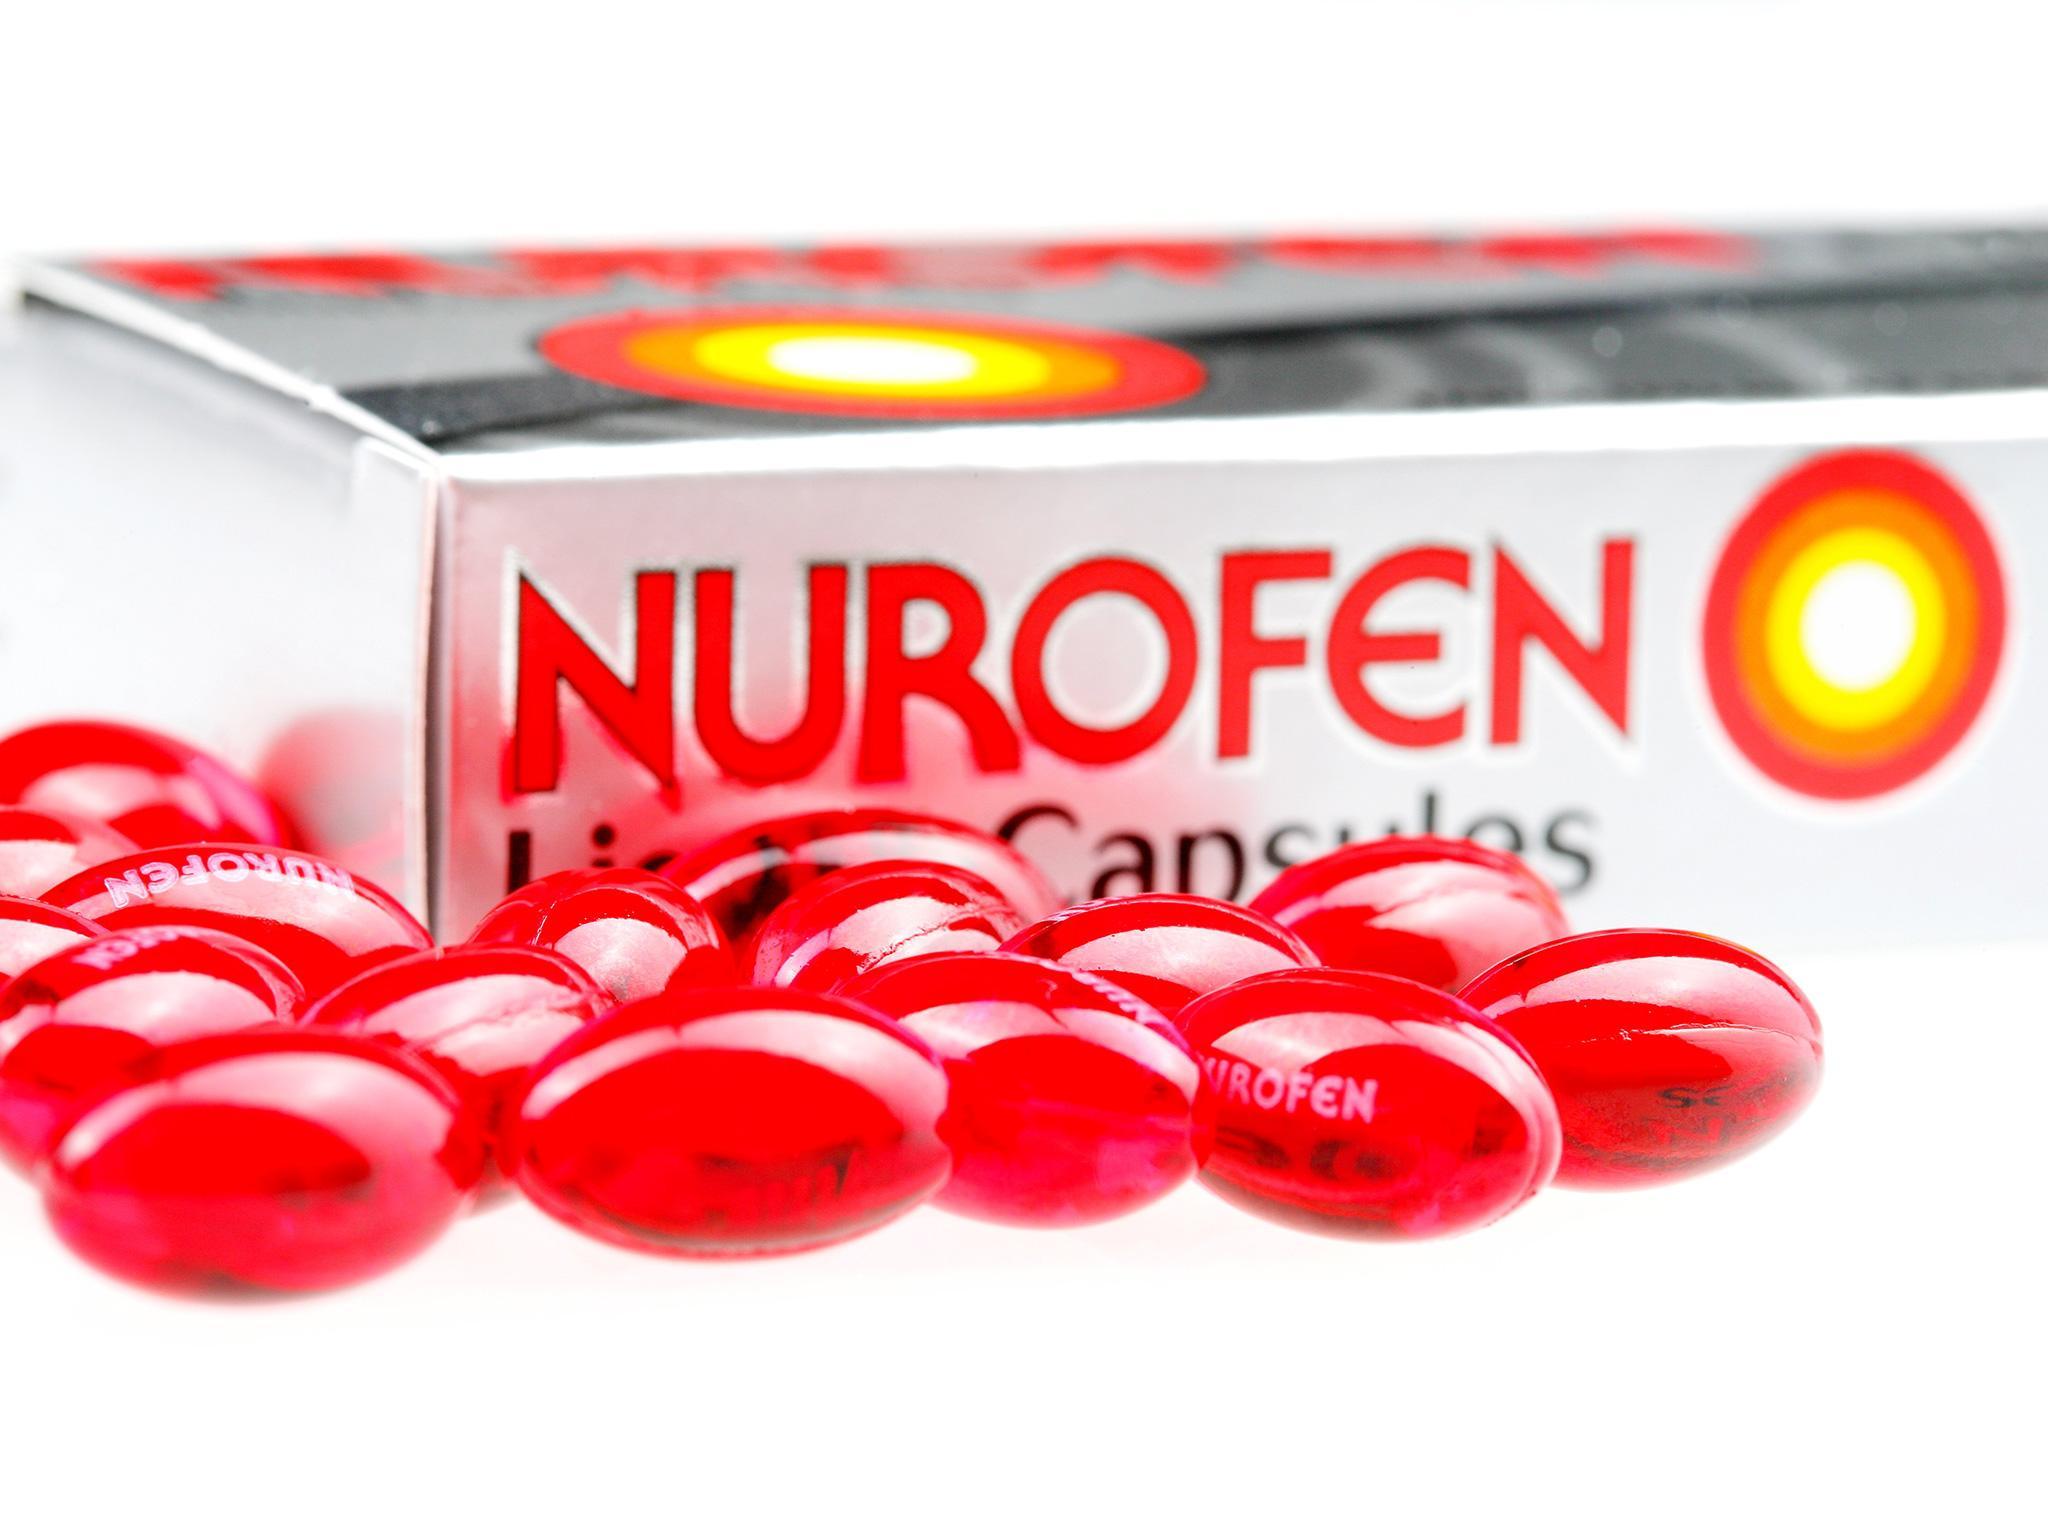 Nurofen nedir, nasıl kullanılır? Kaç saat arayla günde kaç kez içilir? Nurofen uyku yapar mı?